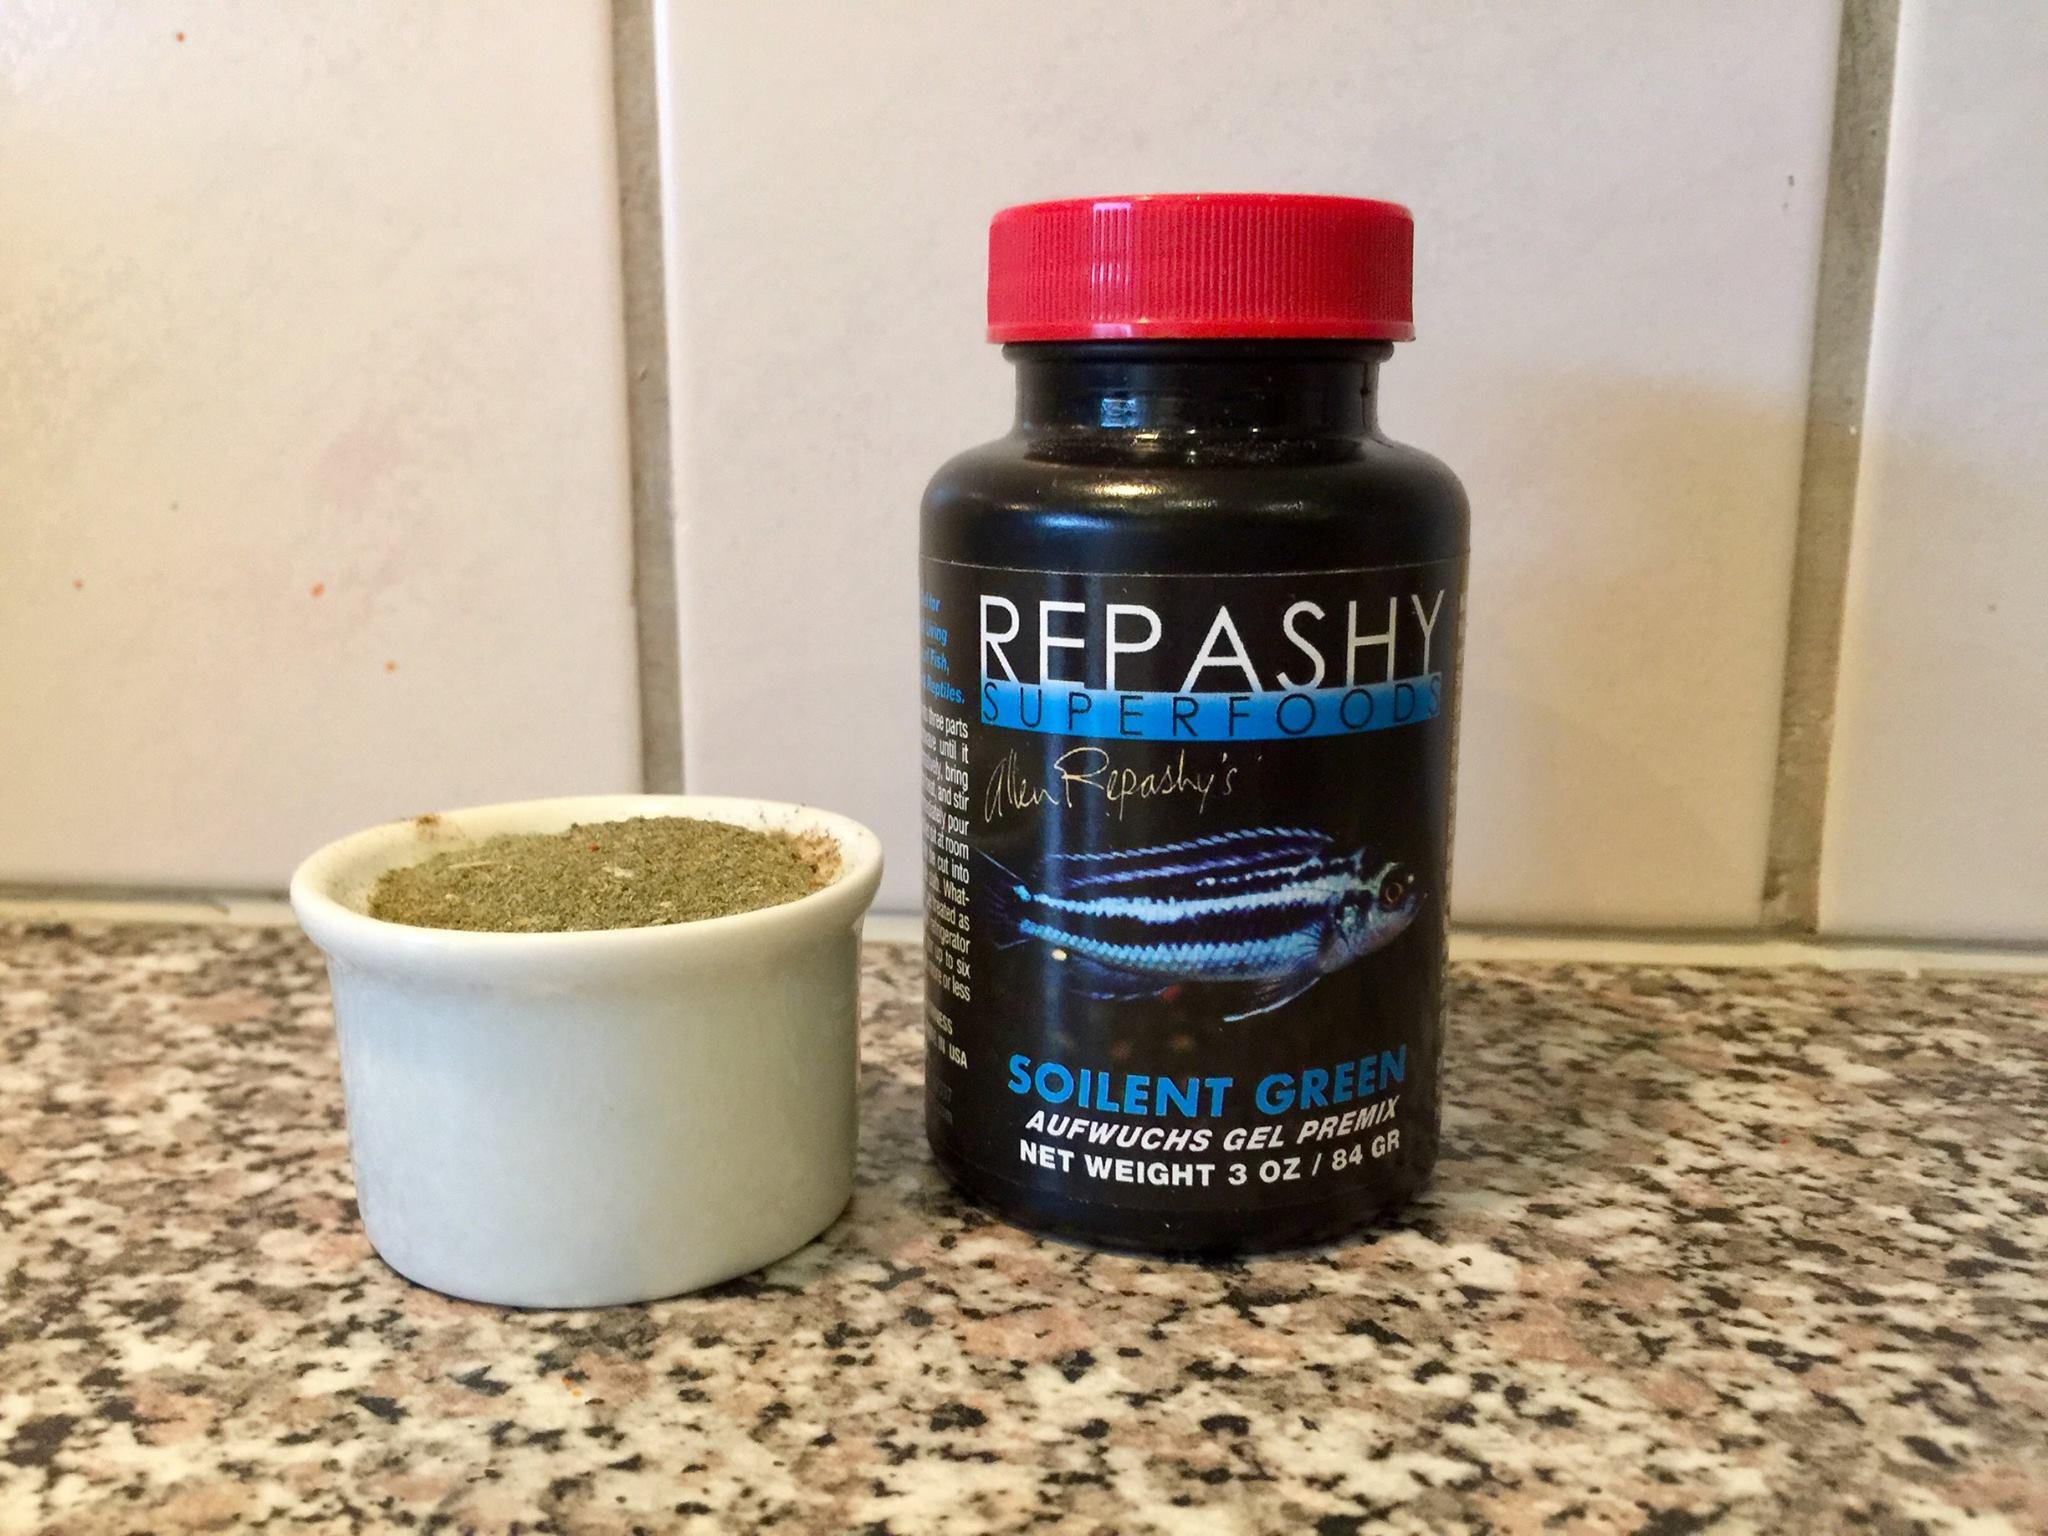 Brug 1 del Repashy pulver